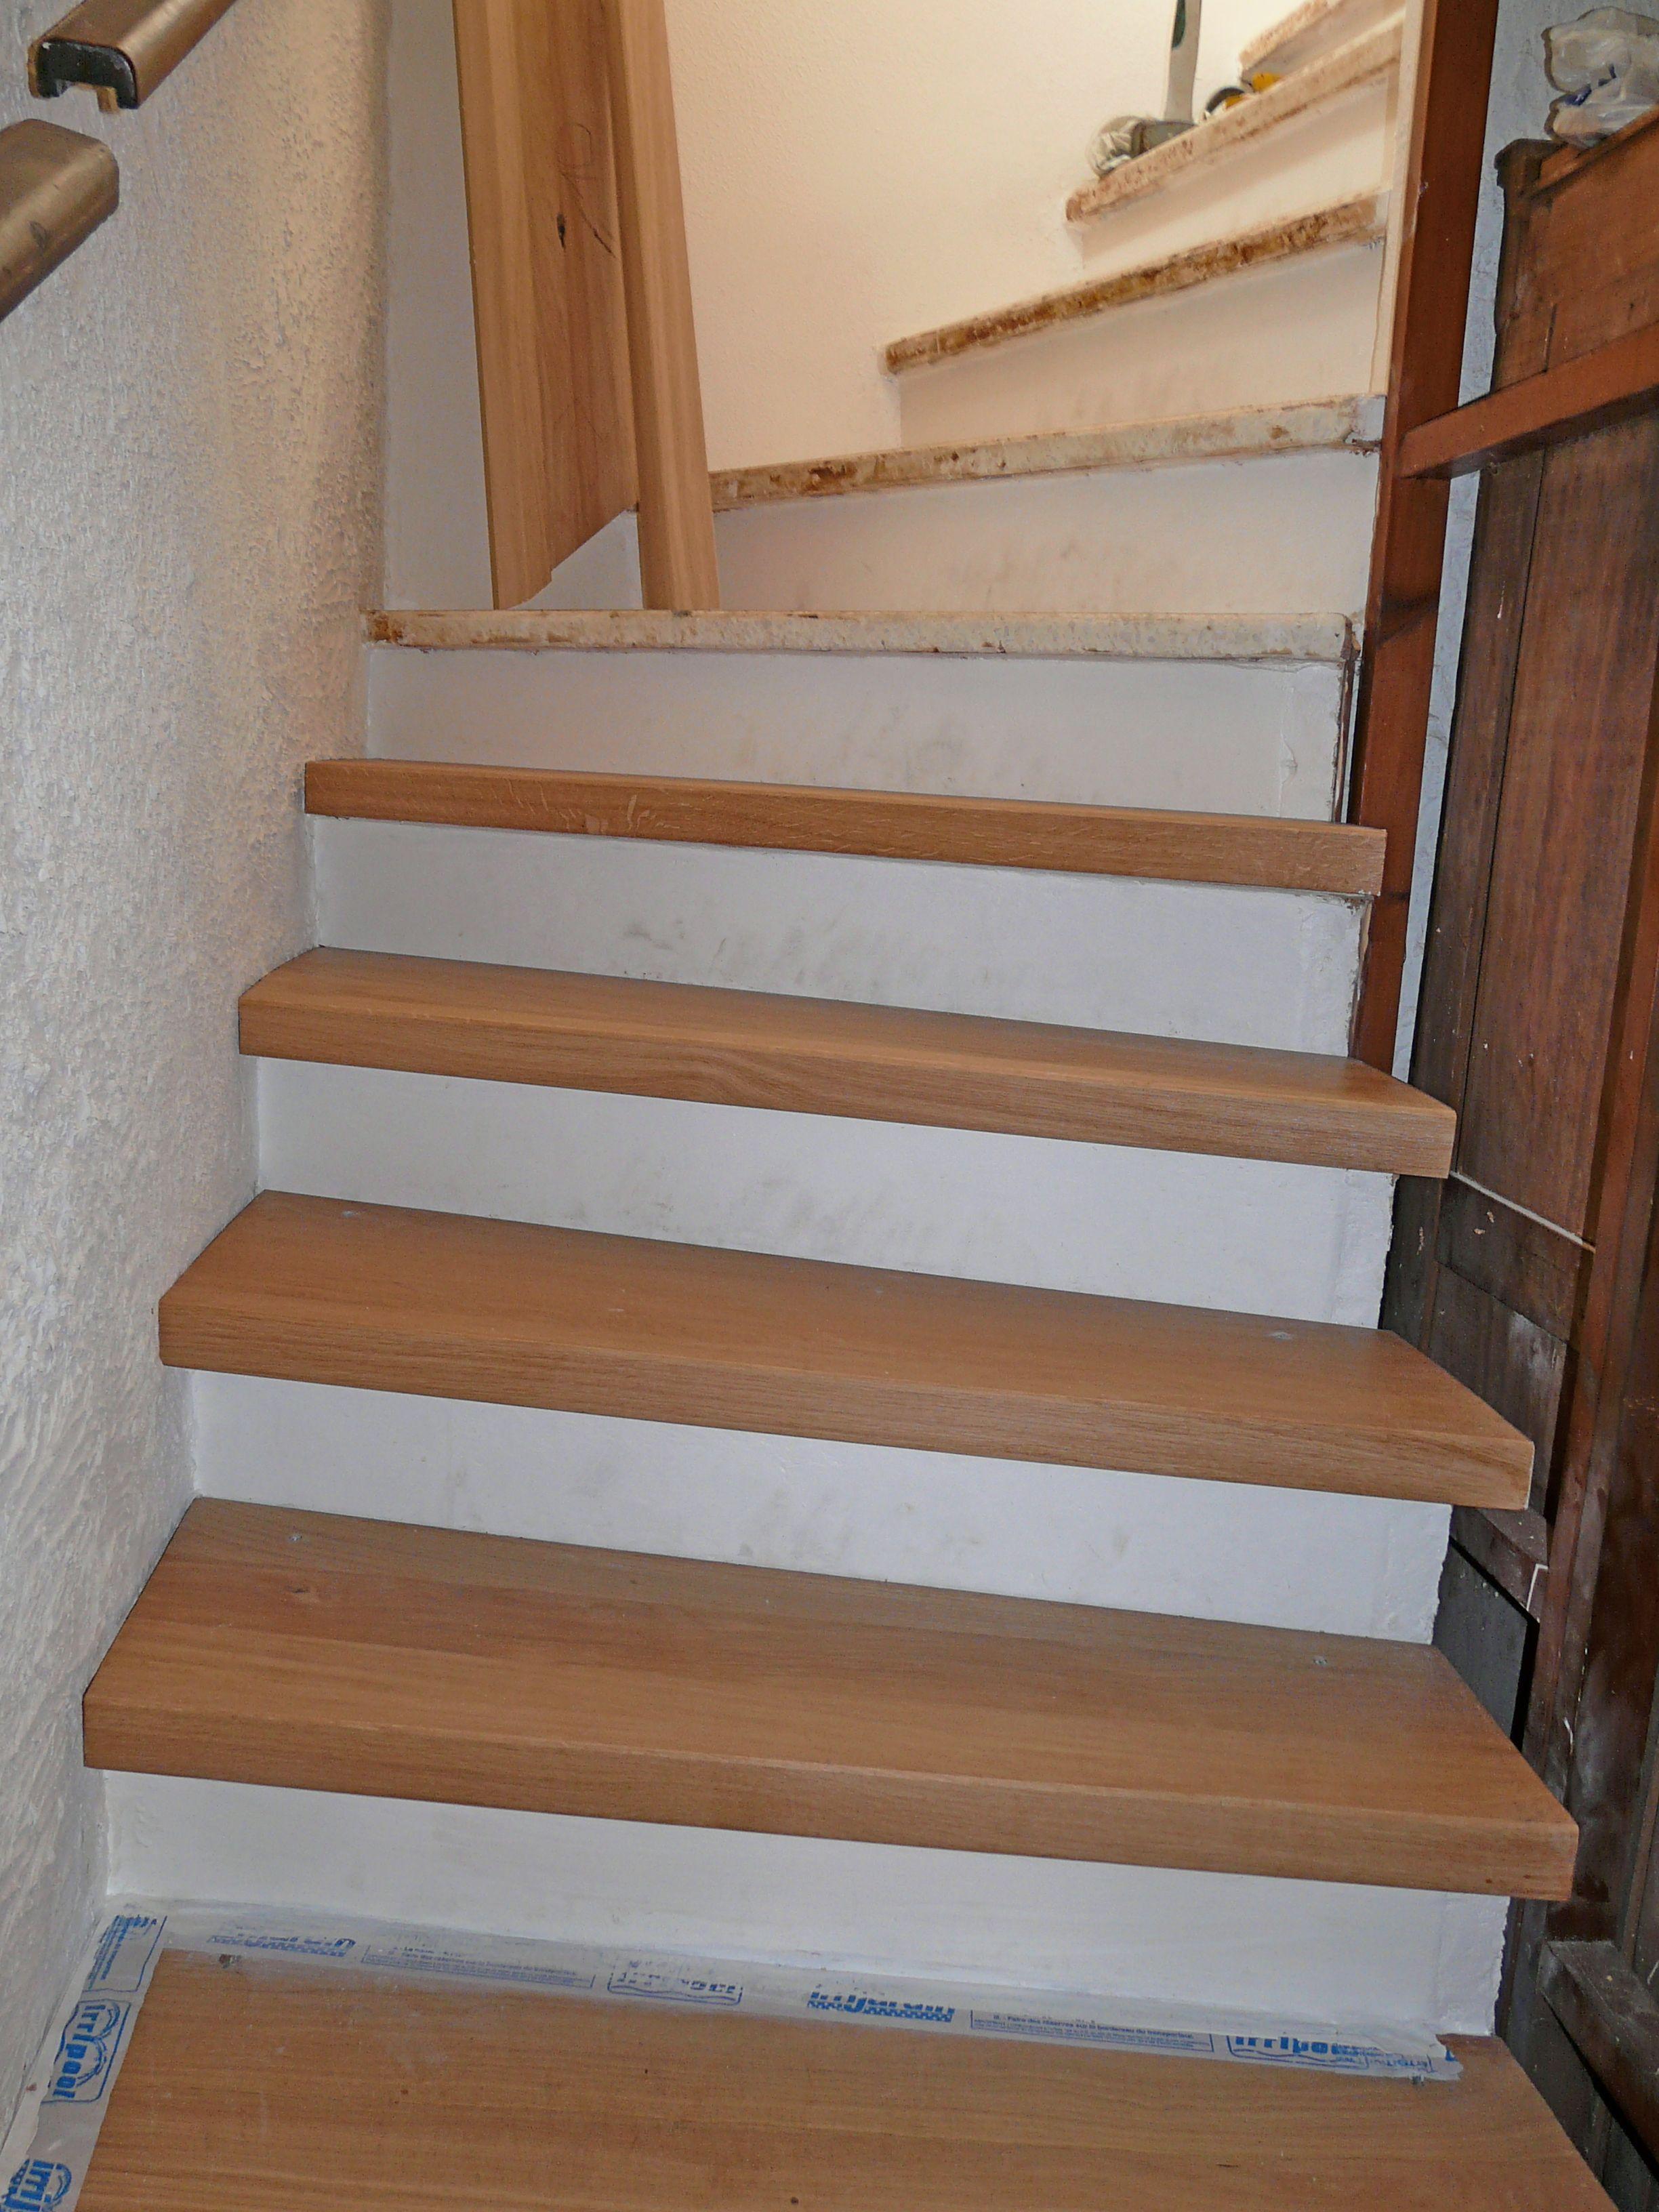 Comment Relooker Un Escalier En Carrelage peindre un escalier en carrelage - recherche google